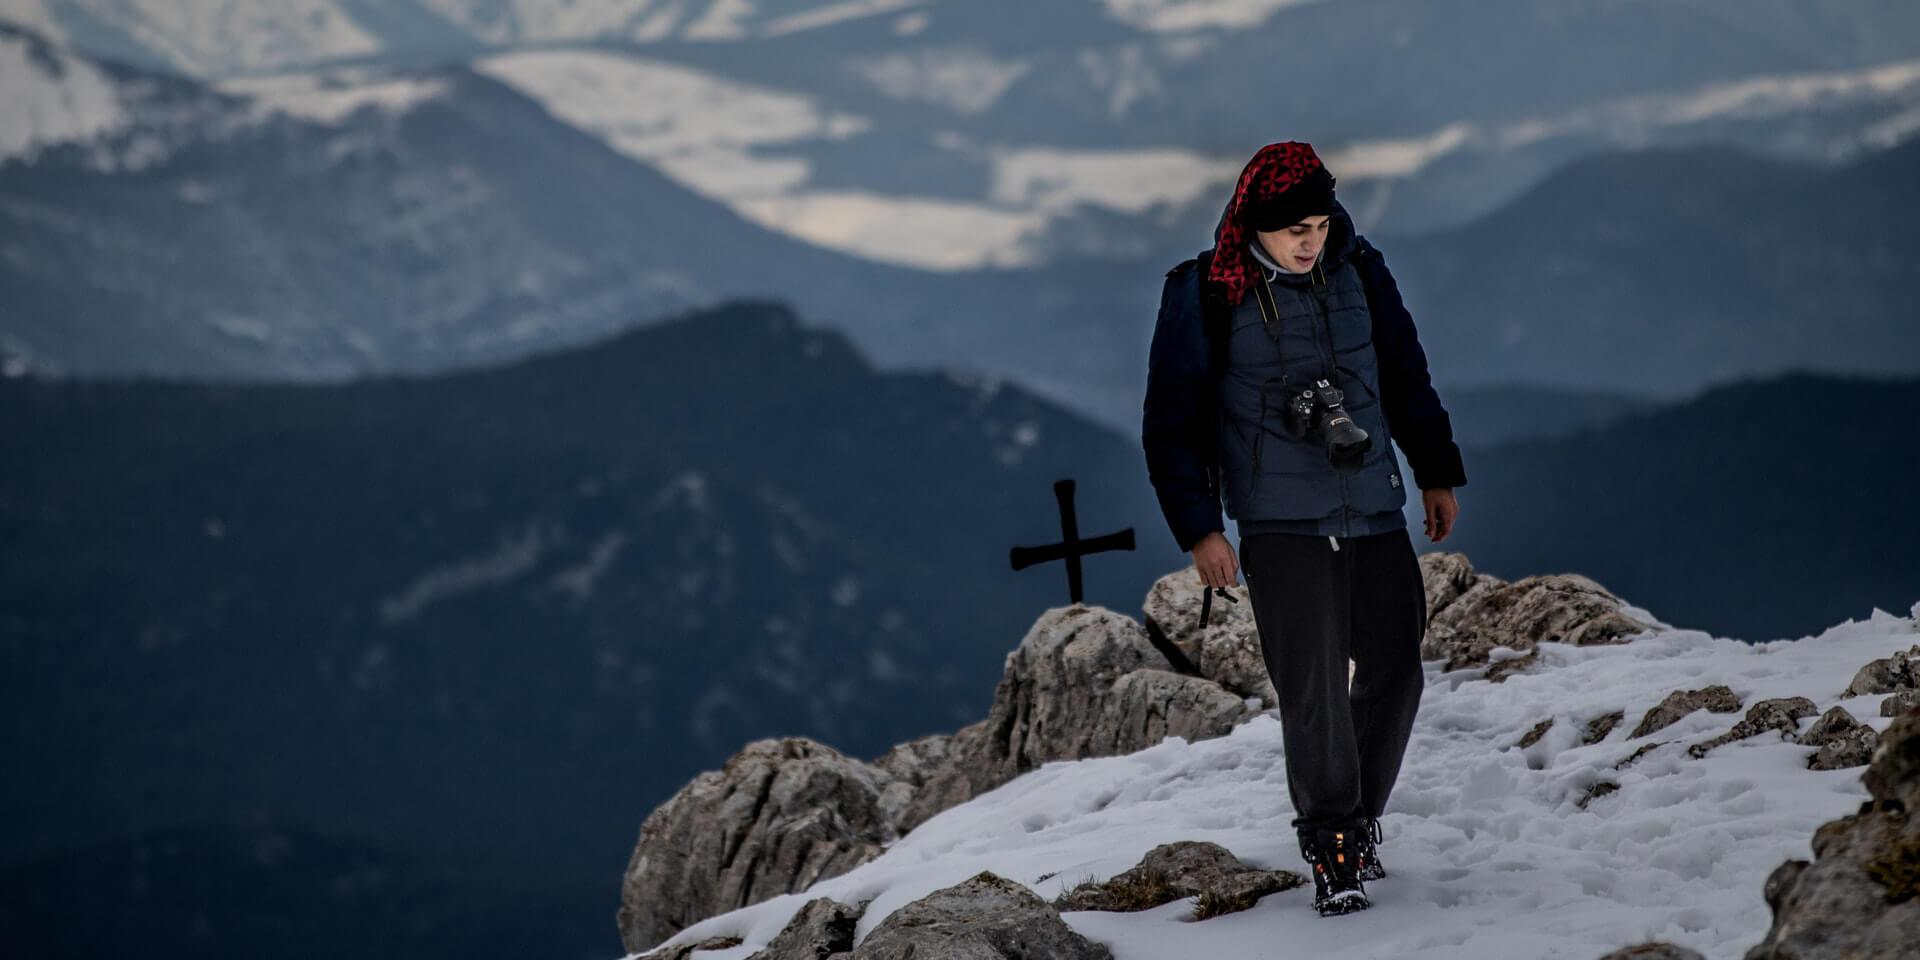 Mann am Gipfel im Schnee nachdenklich